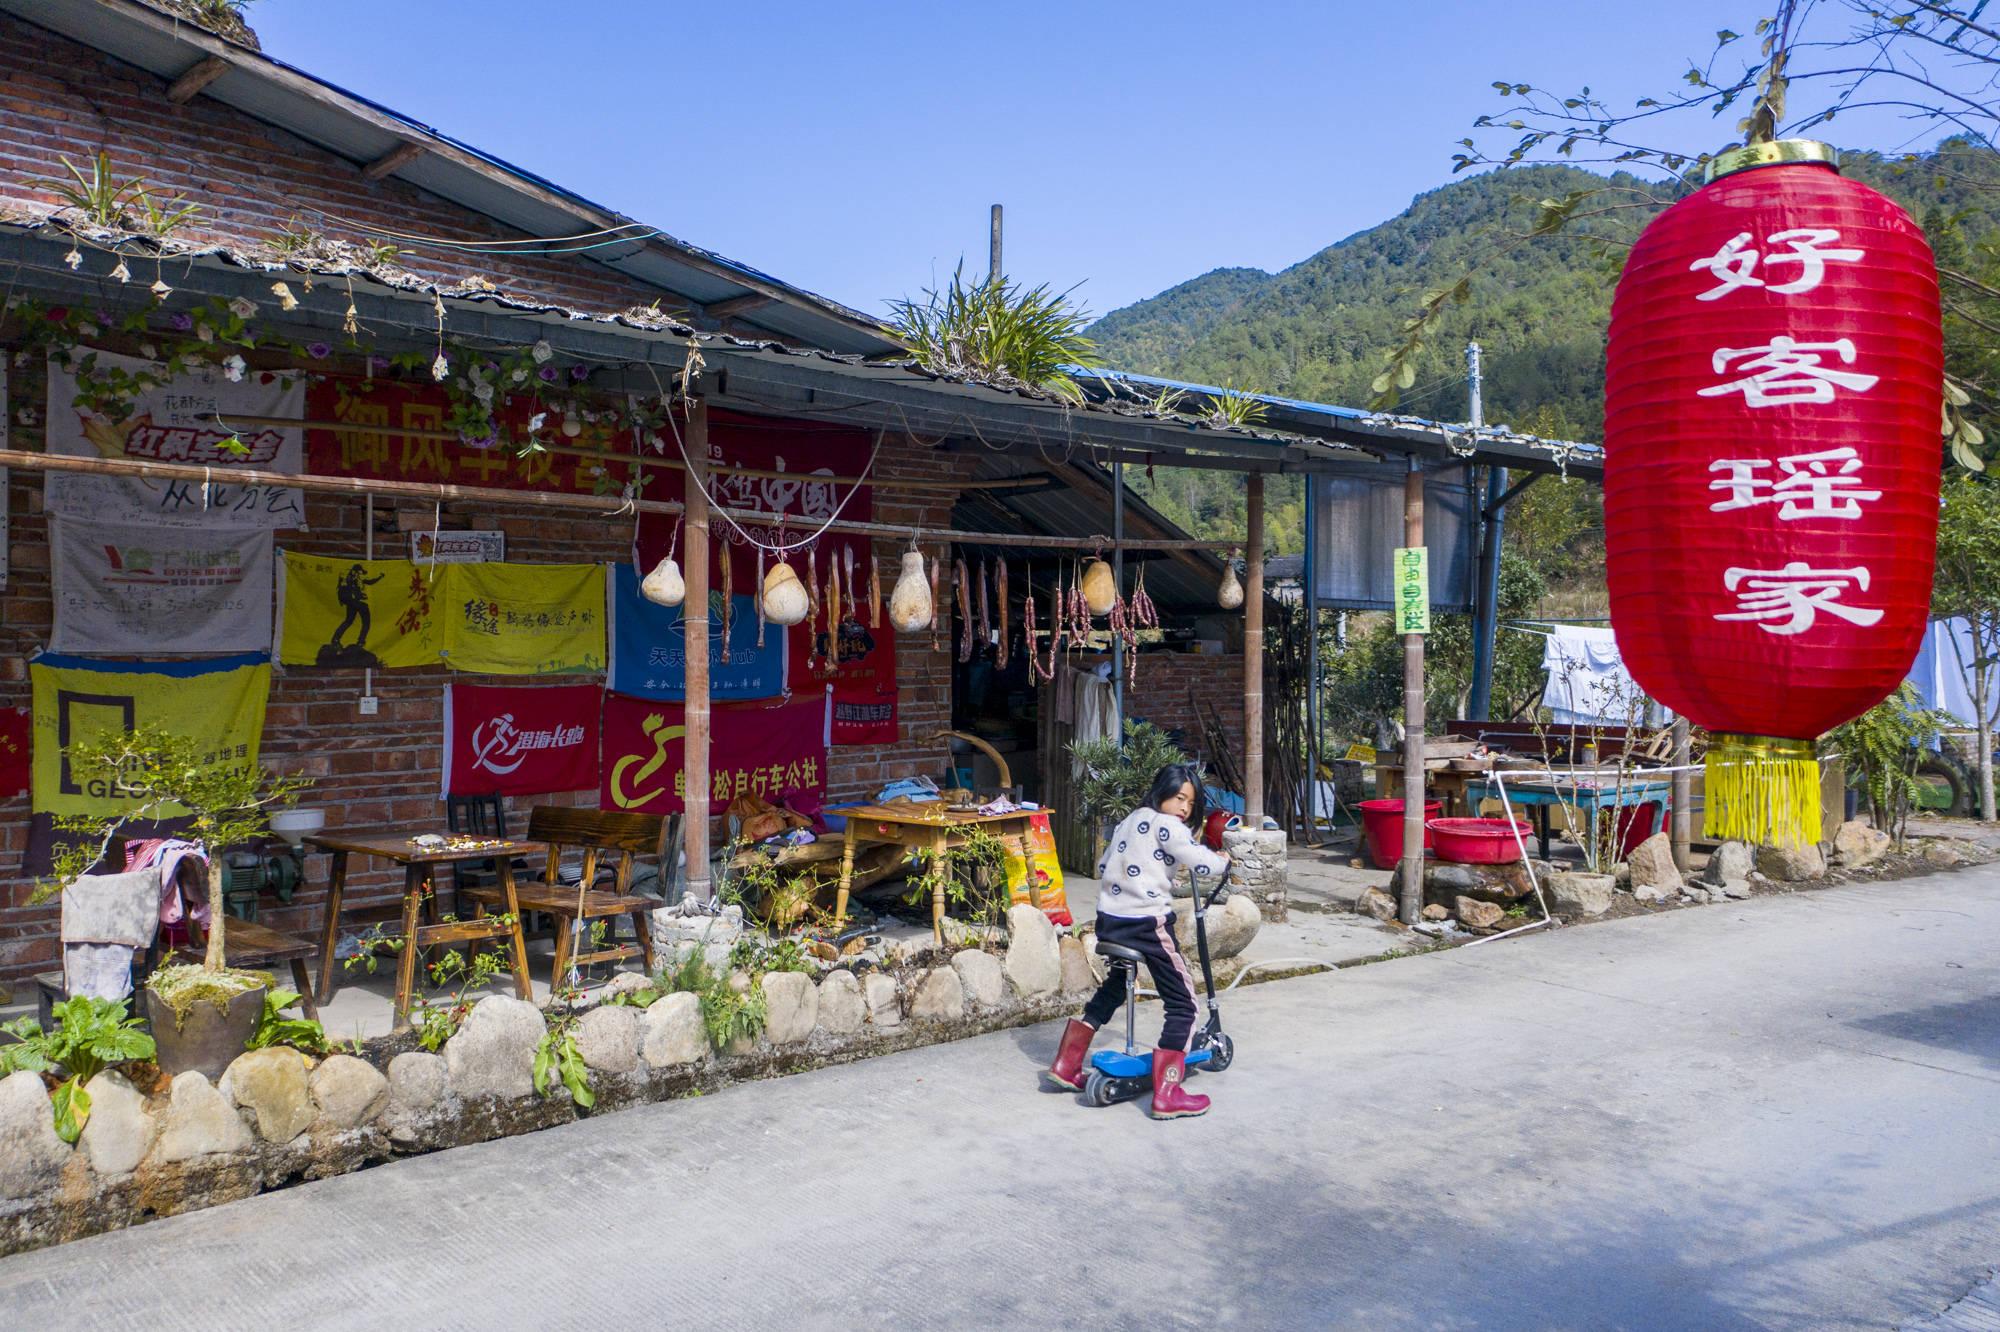 广东有座瑶族村落,藏着两件宝贝,村民世代守护:1000万也不卖!